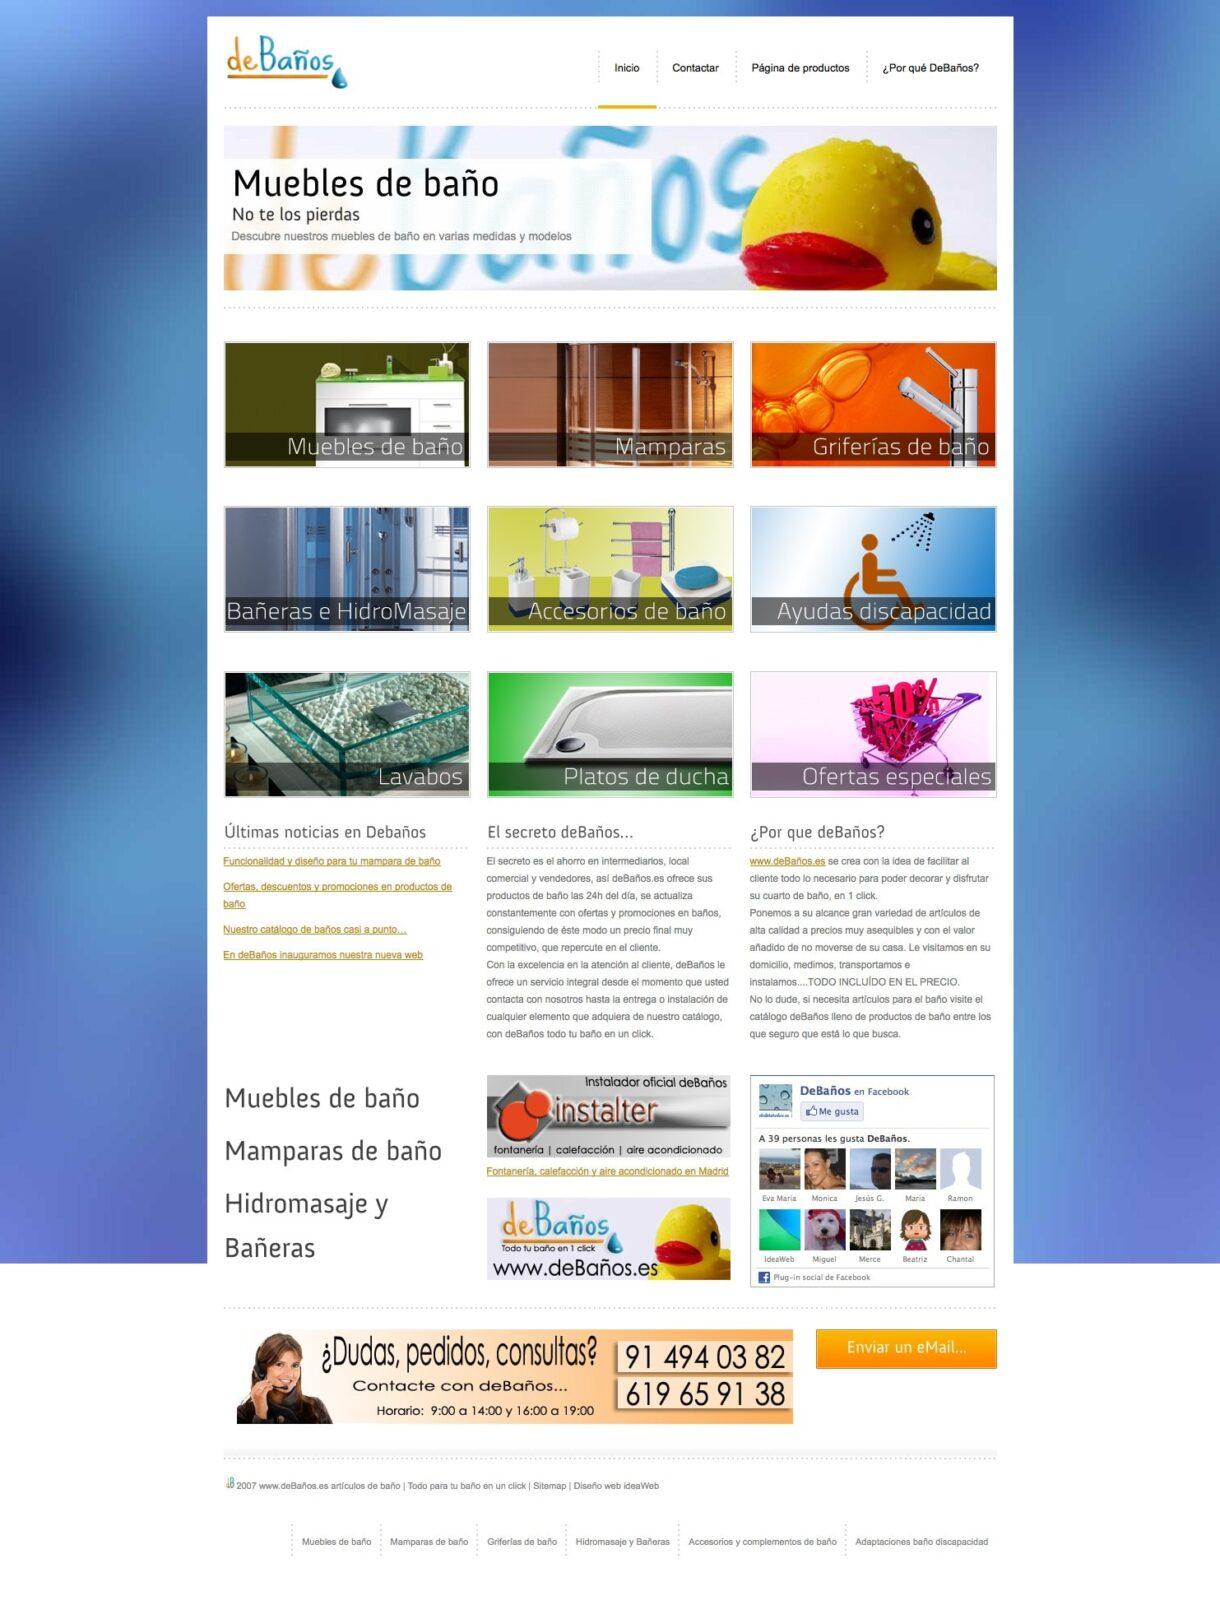 www.deBaños.es Todo tu baño 1 solo click